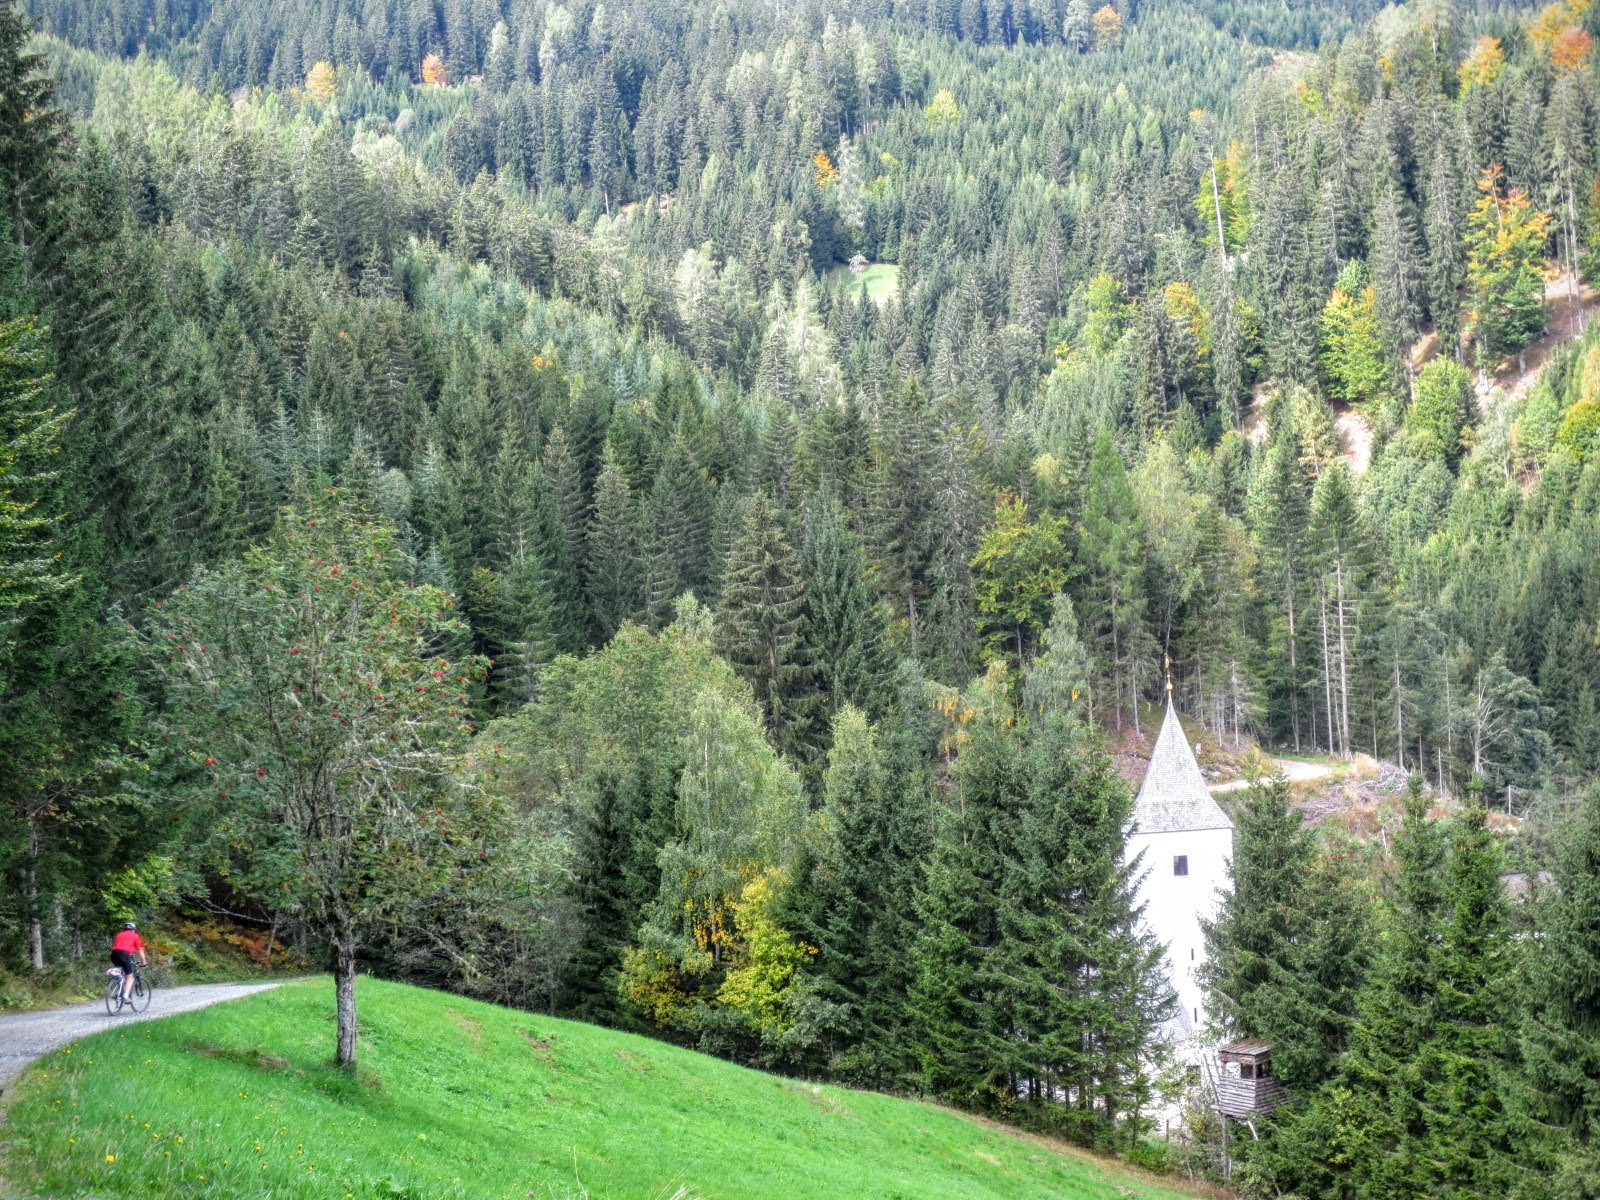 Mitten im Wald taucht plötzlich das ehem. Alpenbad St. Leonhard auf